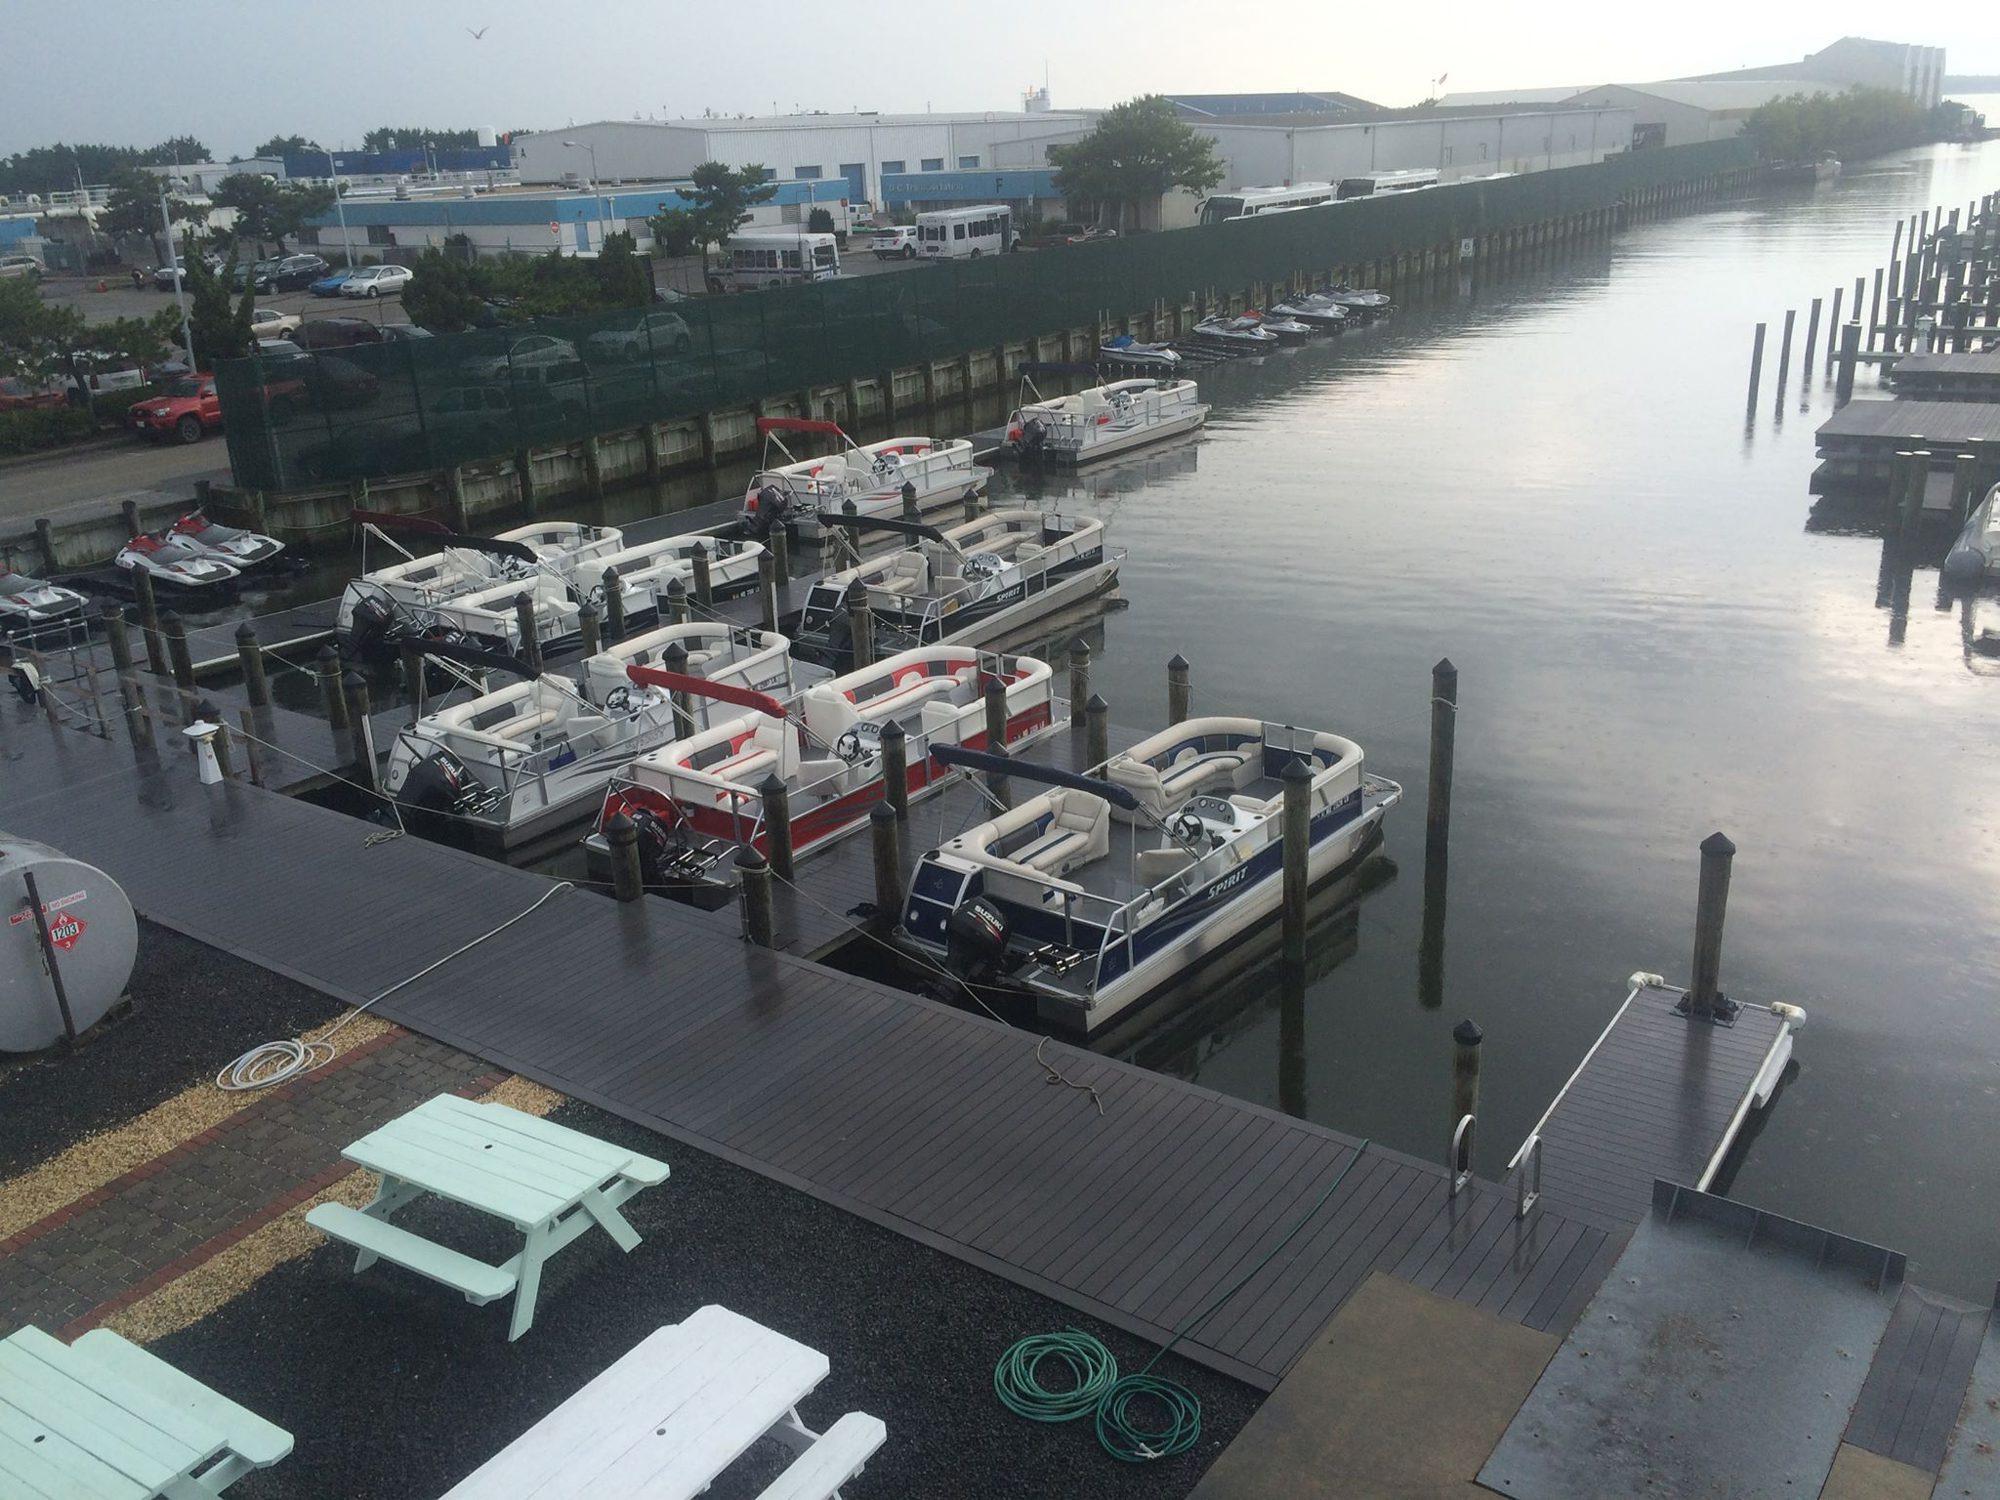 advanced marina pontoon large